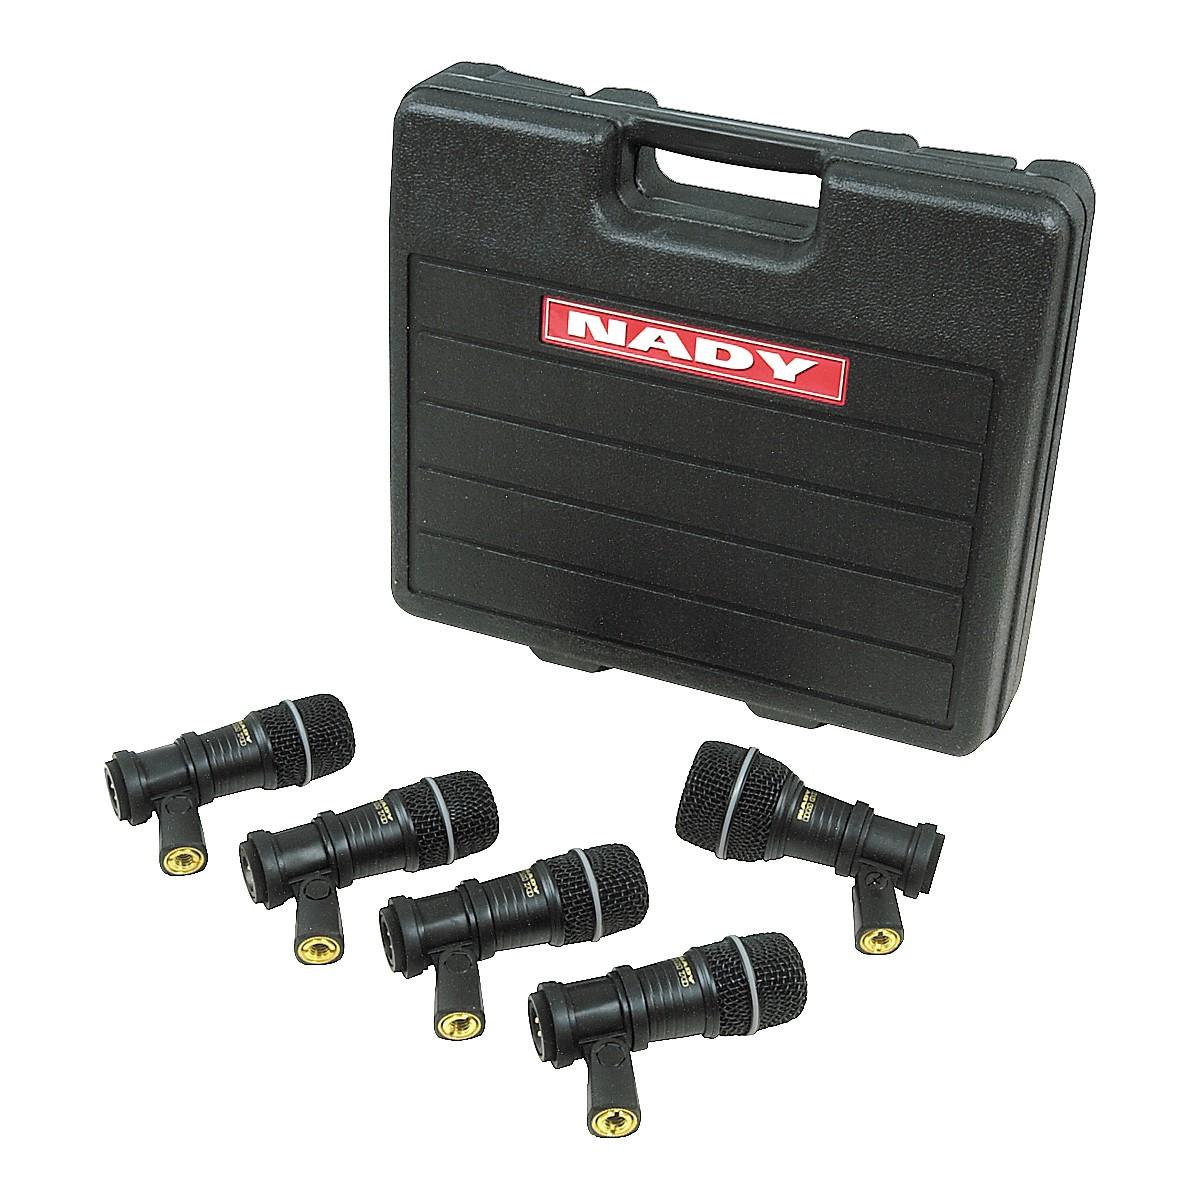 Nady DMK-5 Drum Mic Package